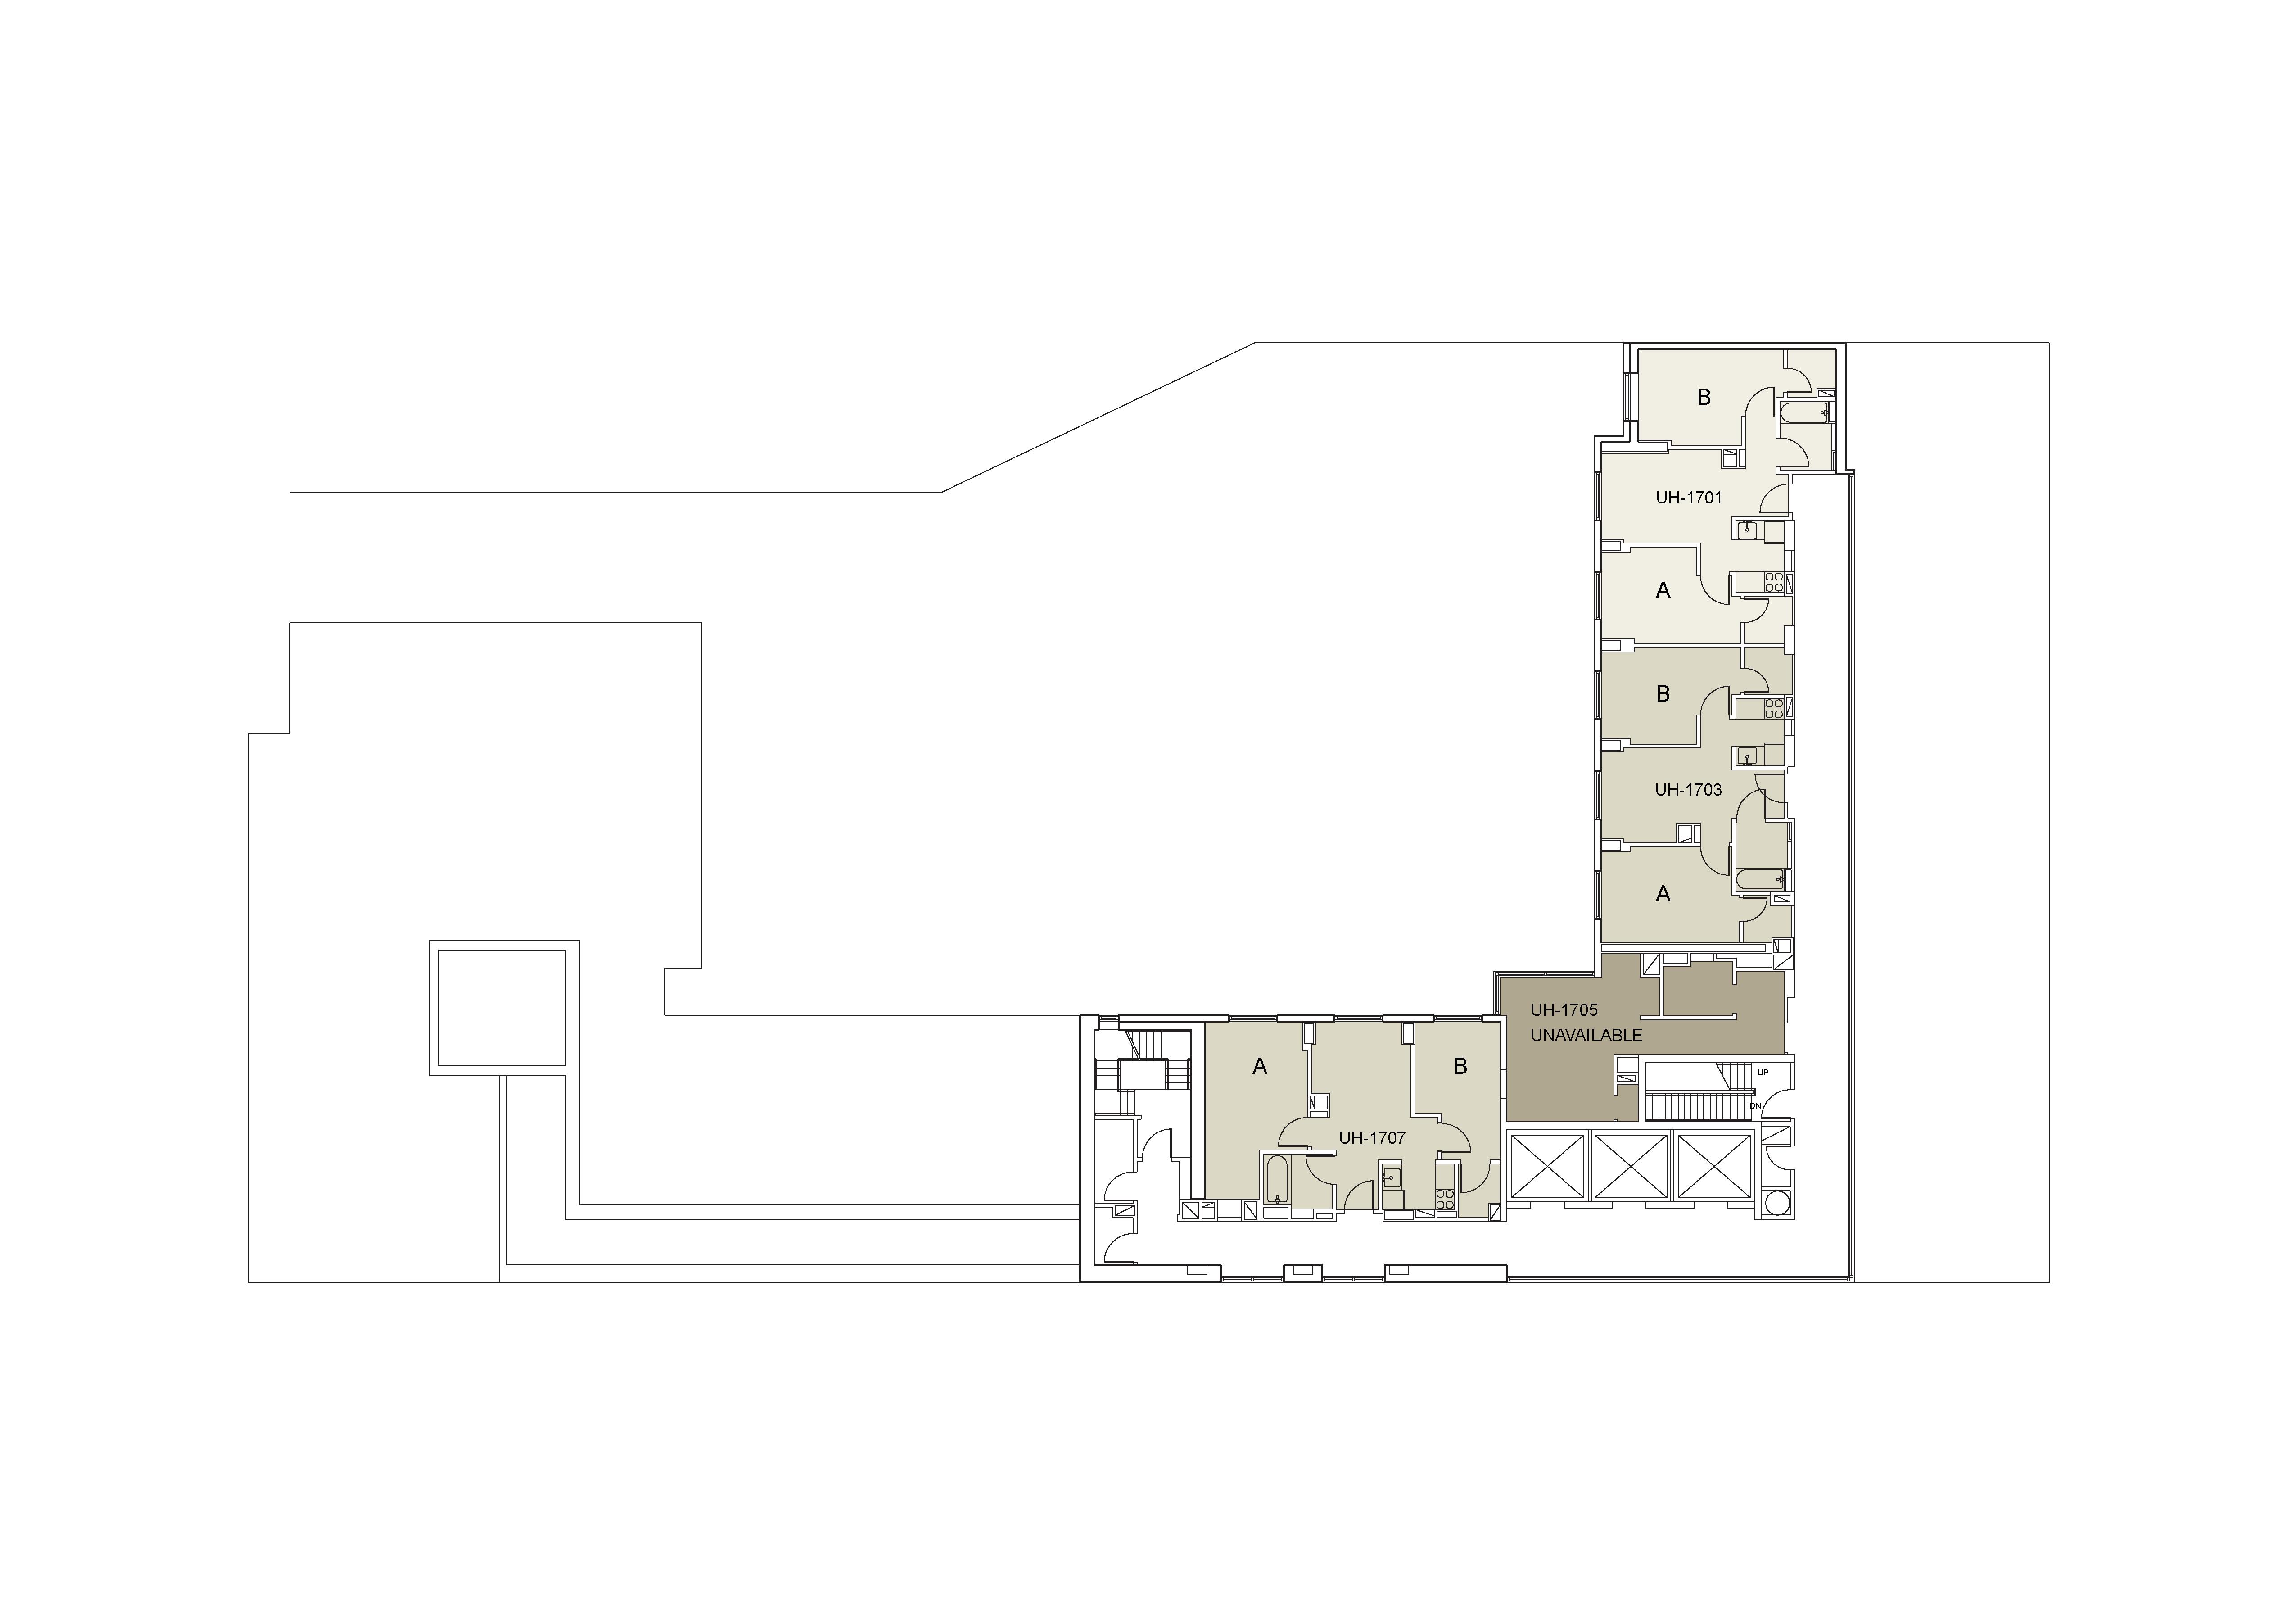 Floor plan for U Hall Floor 17